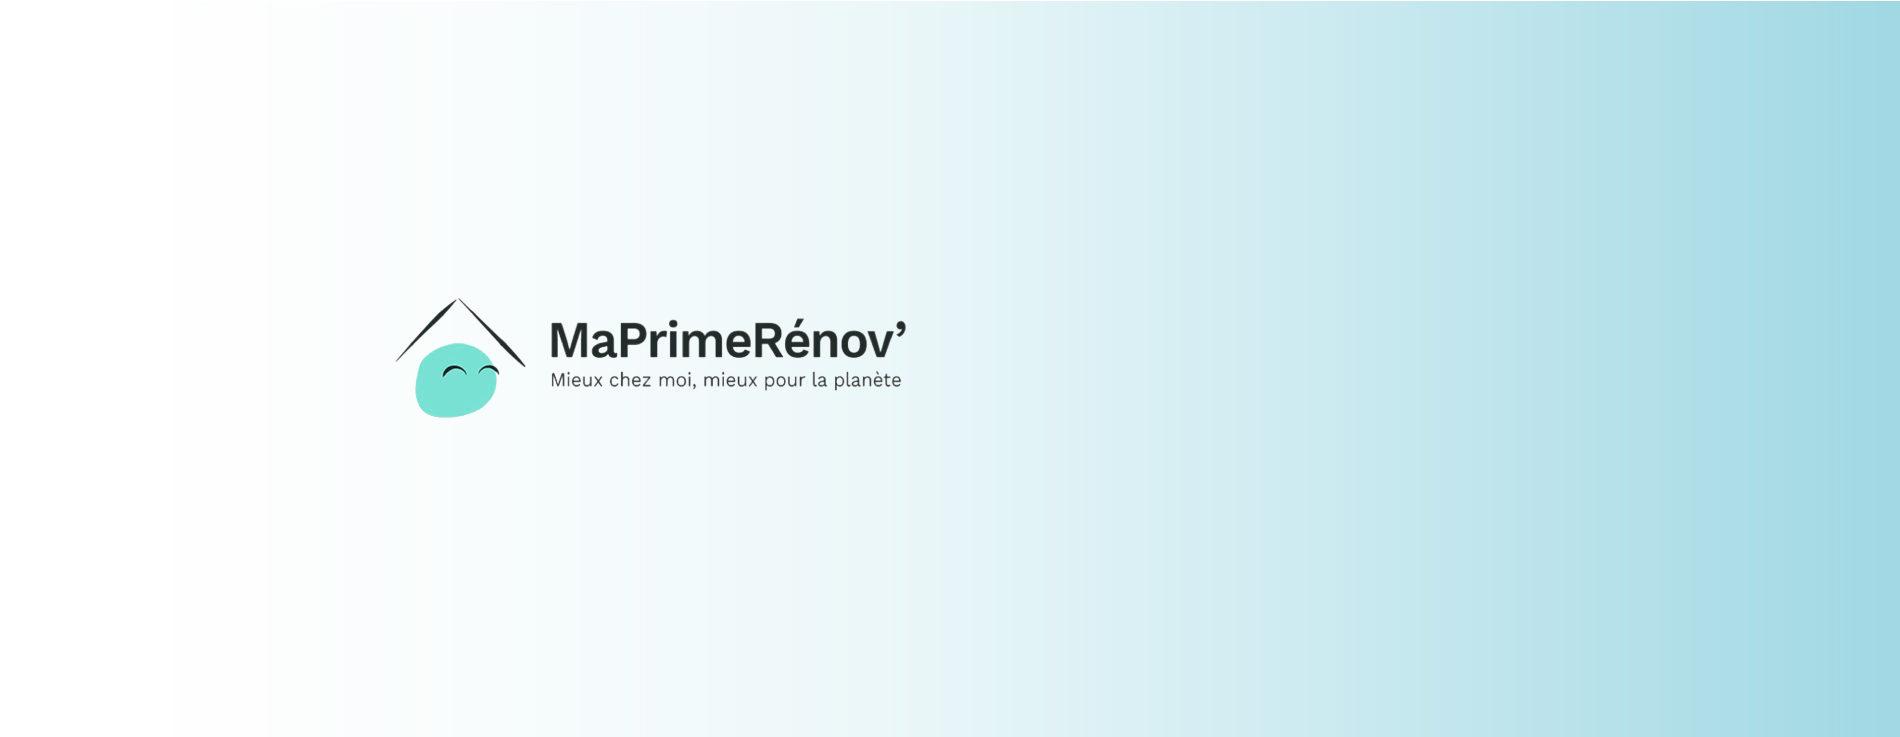 Ma PrimeRénov' 2021 rénovation énergétique installation remplacement